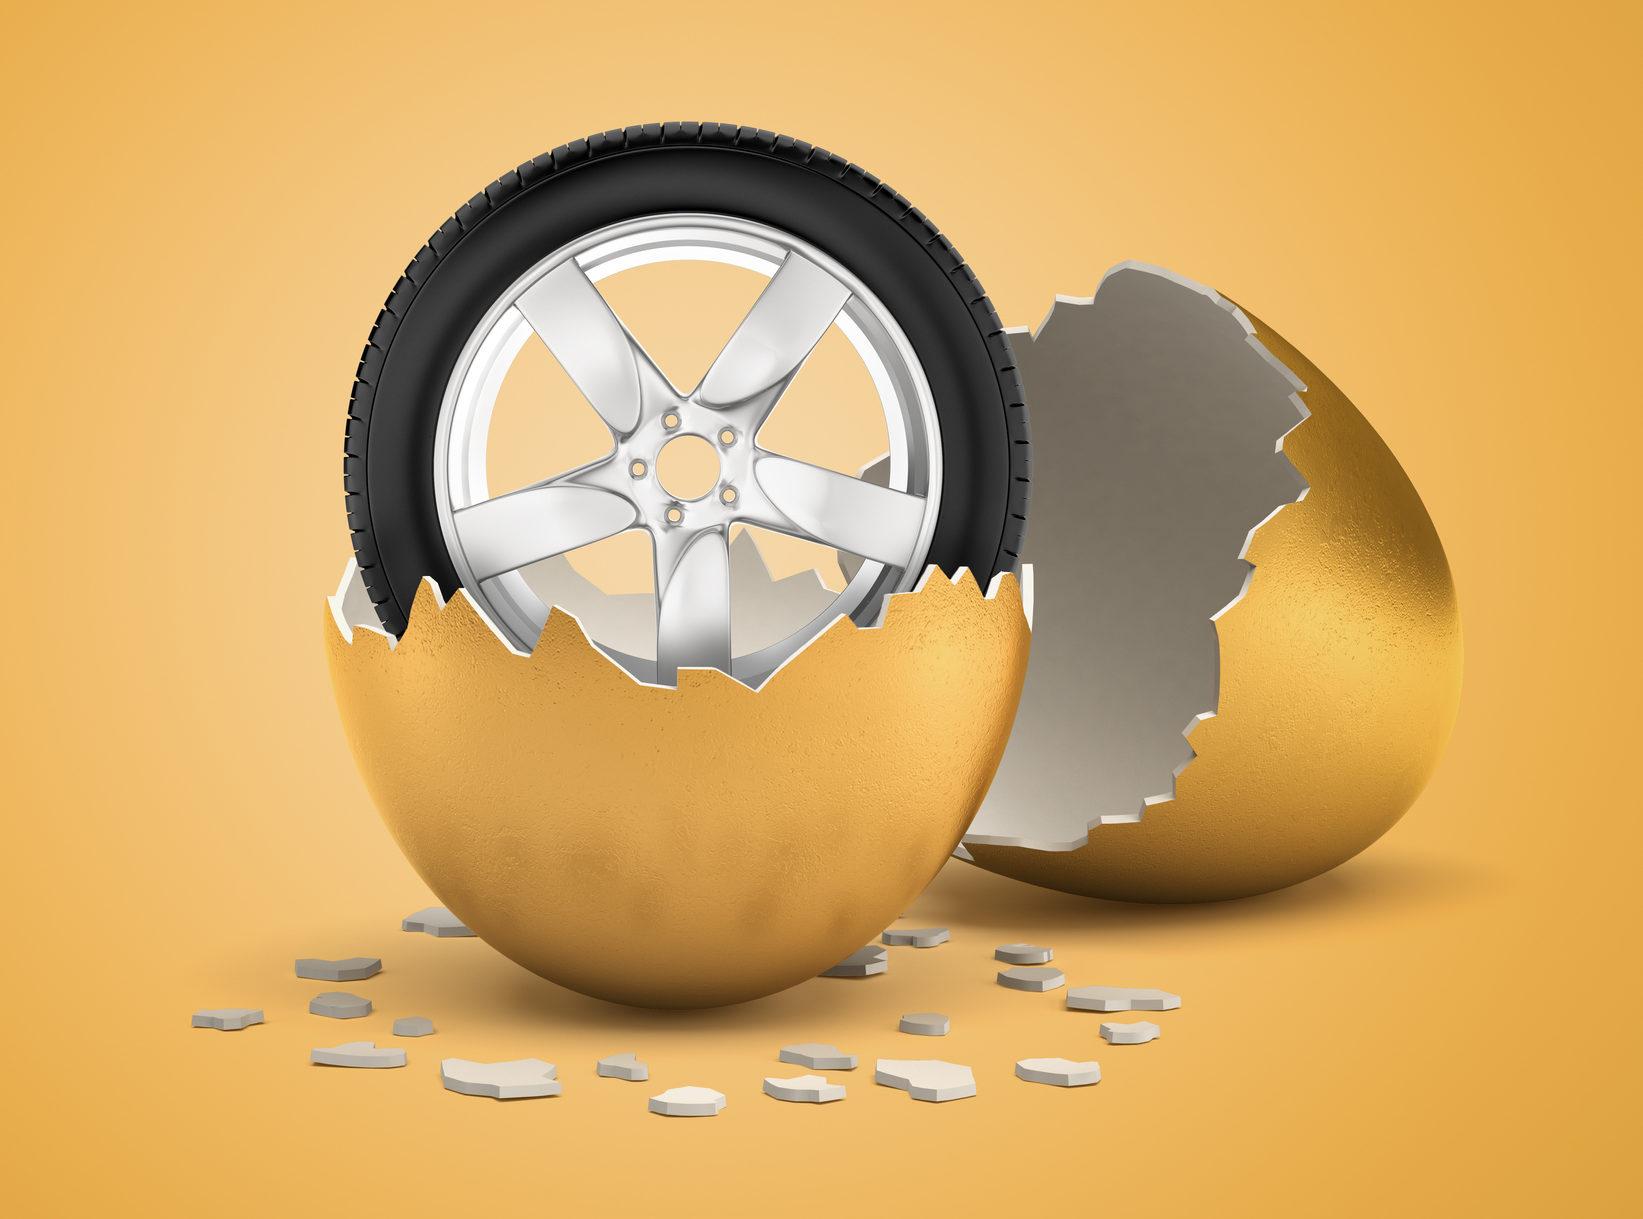 A tire is not an egg